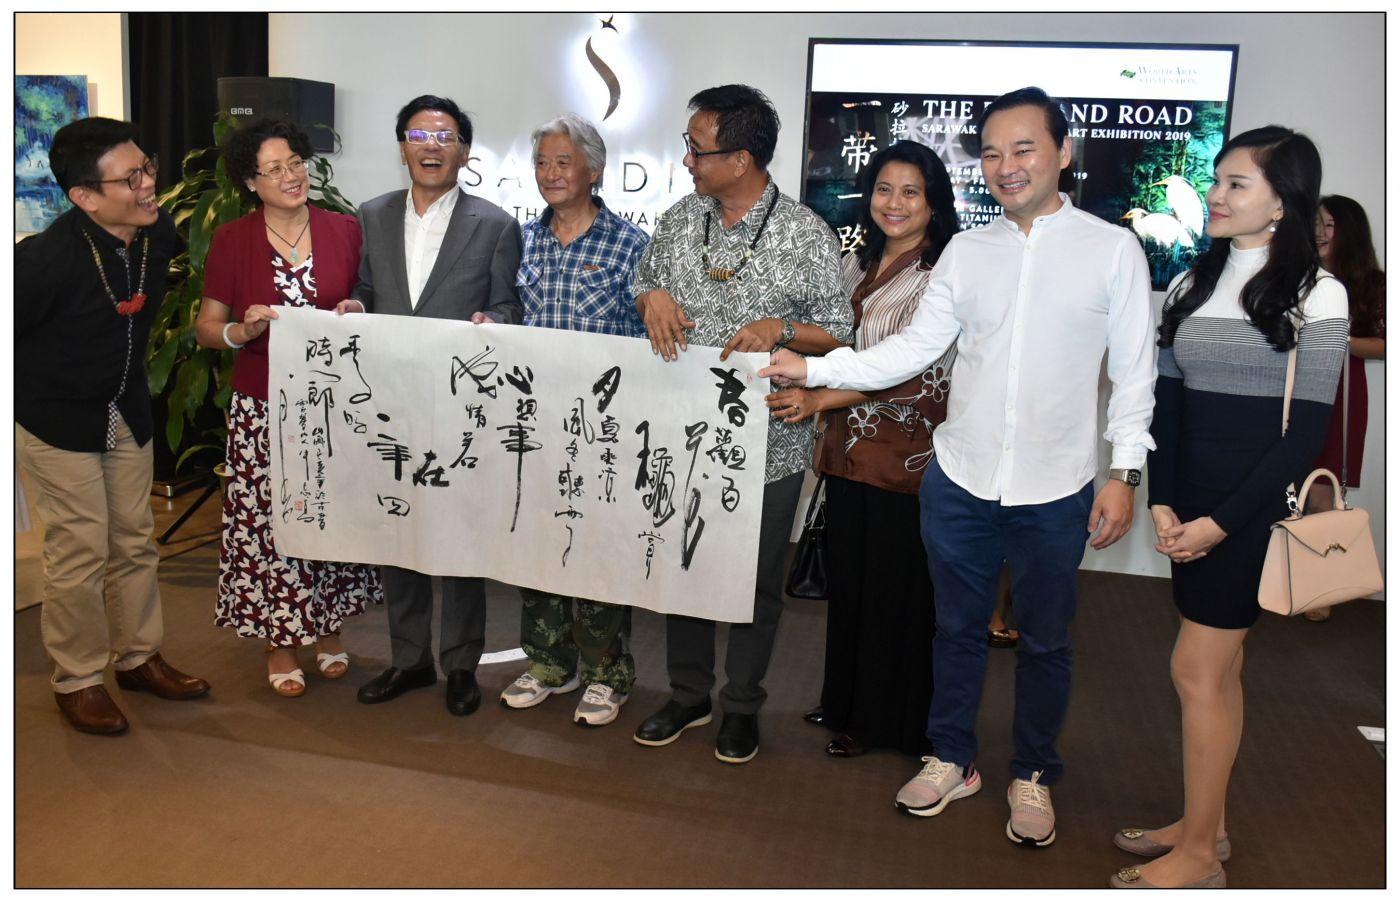 牛志高马来西亚画展掠影2019.10.01_图1-12